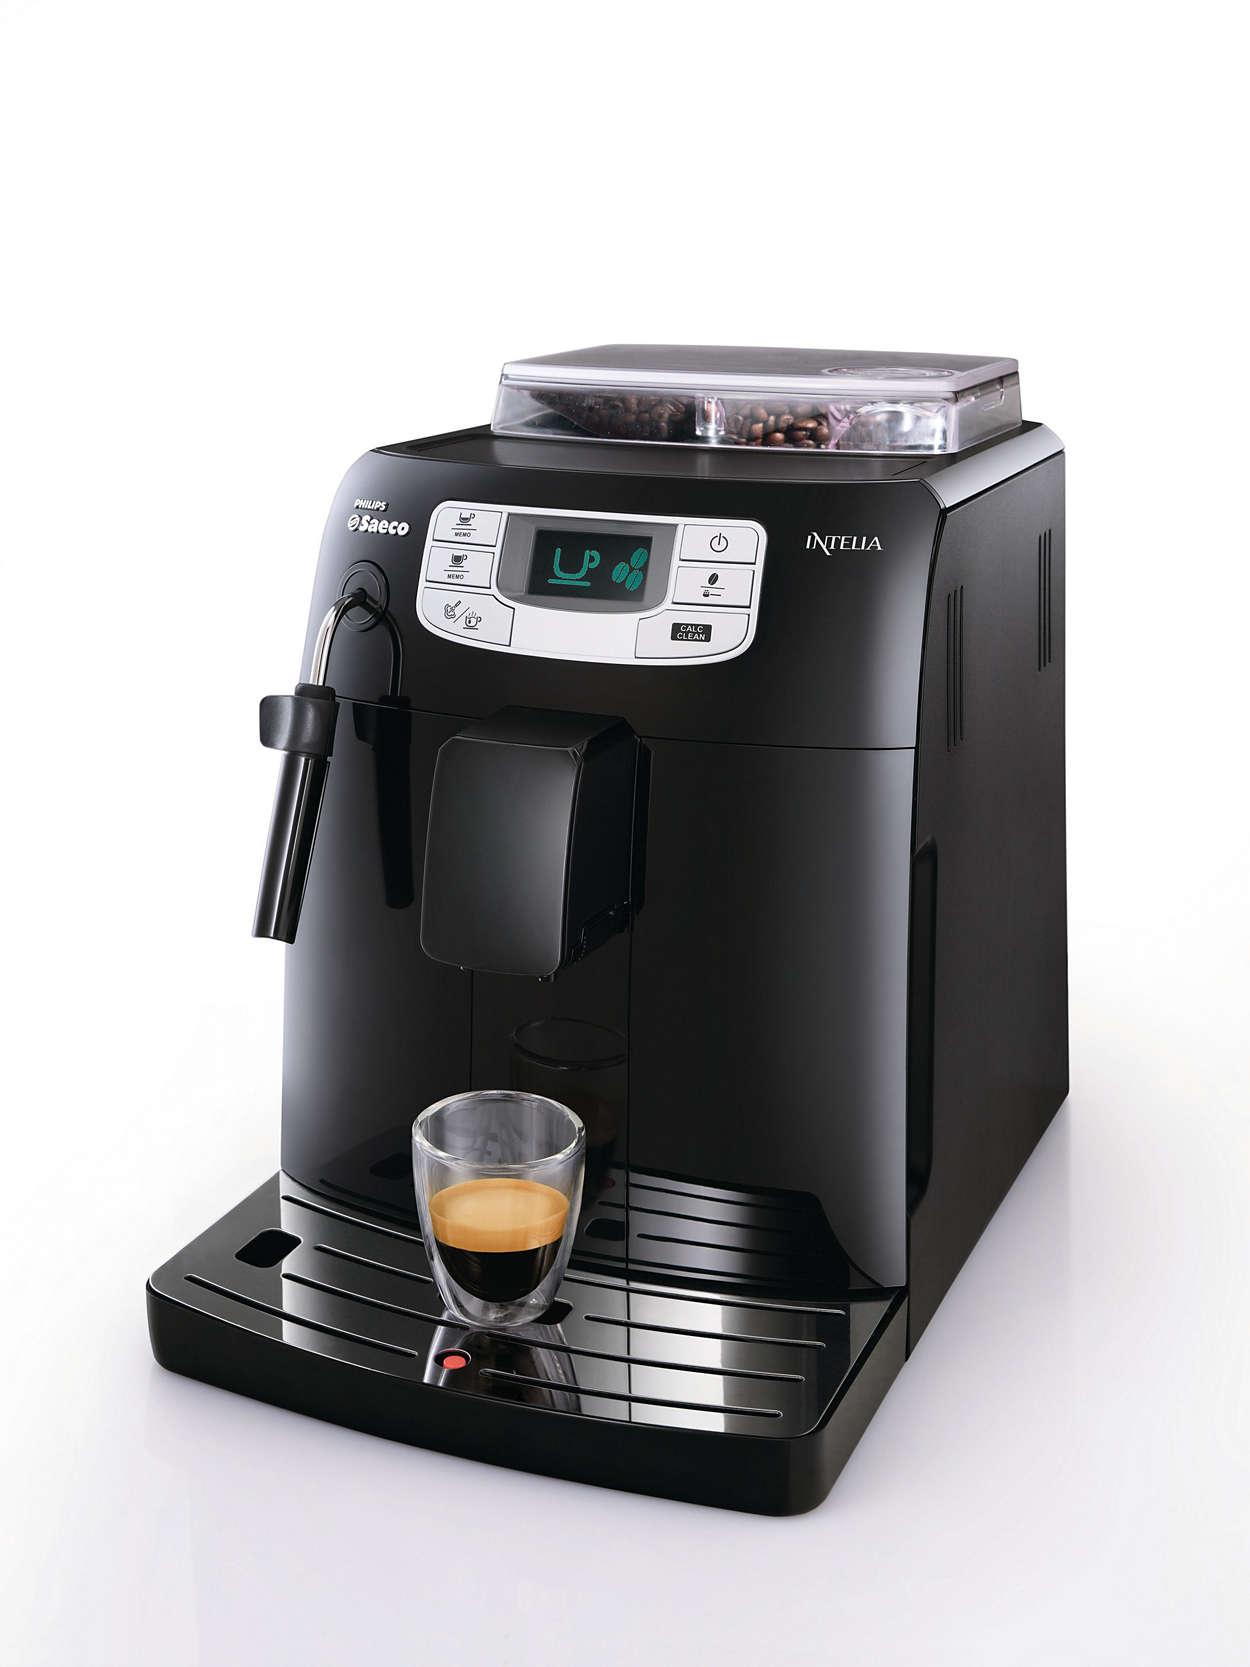 飛利浦 Philips Saeco Intelia全自動義式咖啡機 HD8751